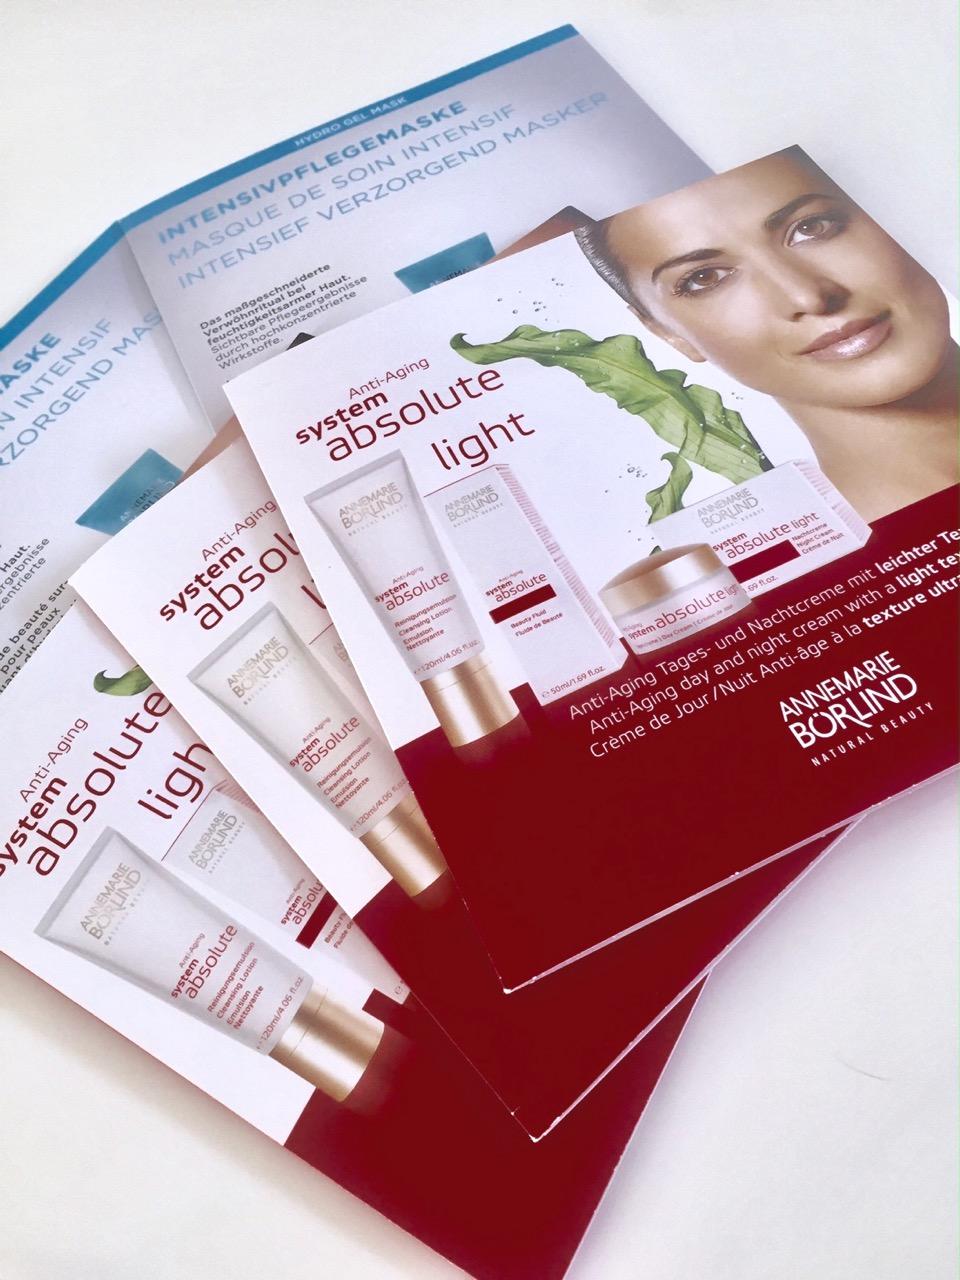 Eine virtuelle Kosmetikberatung und ein Onlineshop mit Hautpflegeprodukten, die es sonst nur im Kosmetikstudio gibt - die Schminktante hat den Service von Kosmetikfuchs ausprobiert.